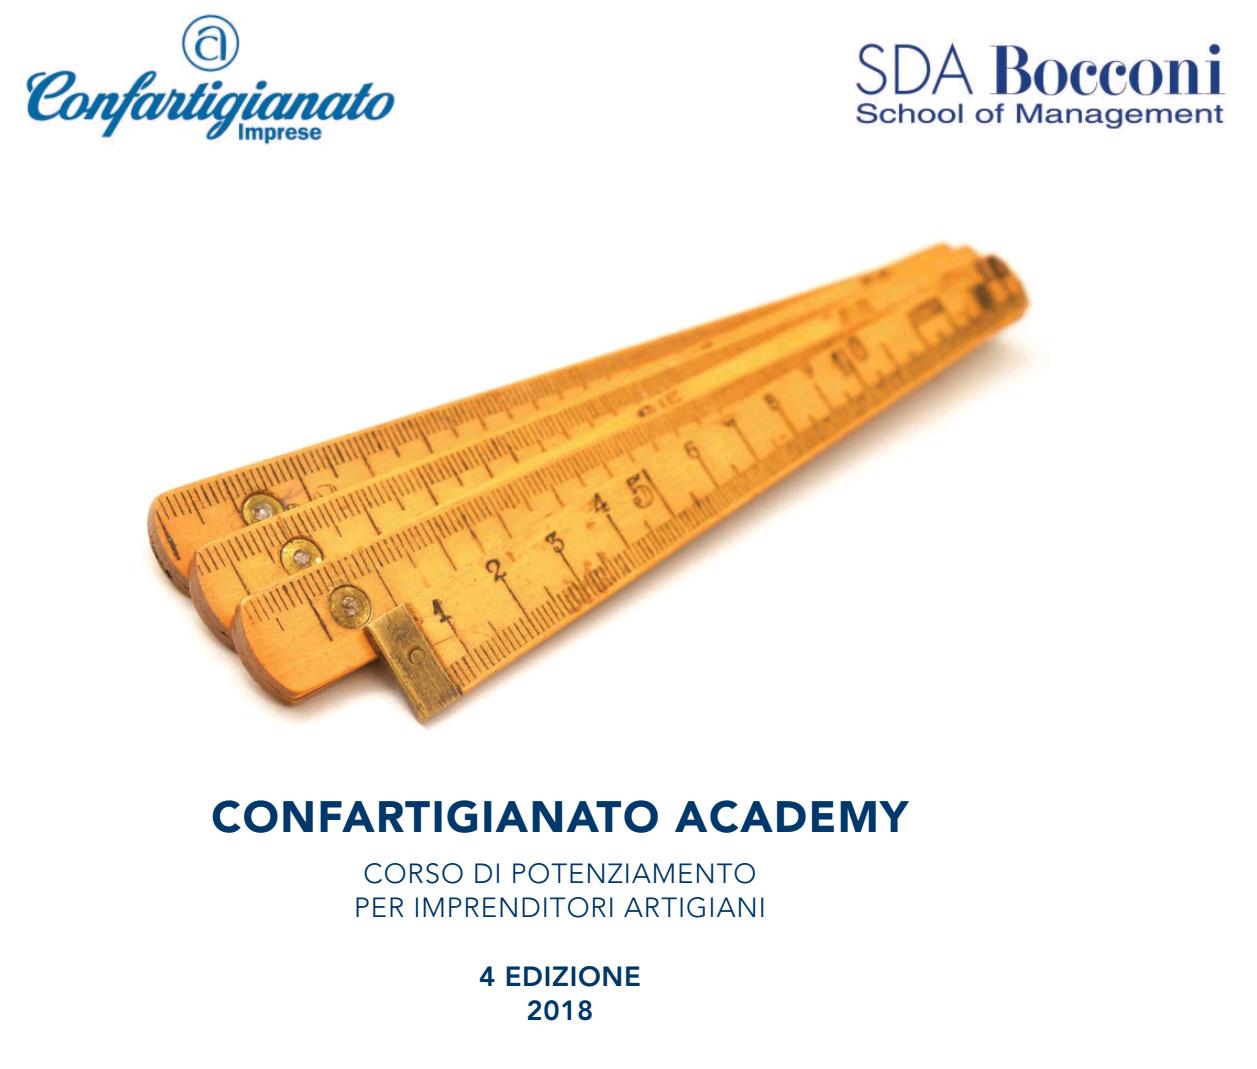 confartigianato academy